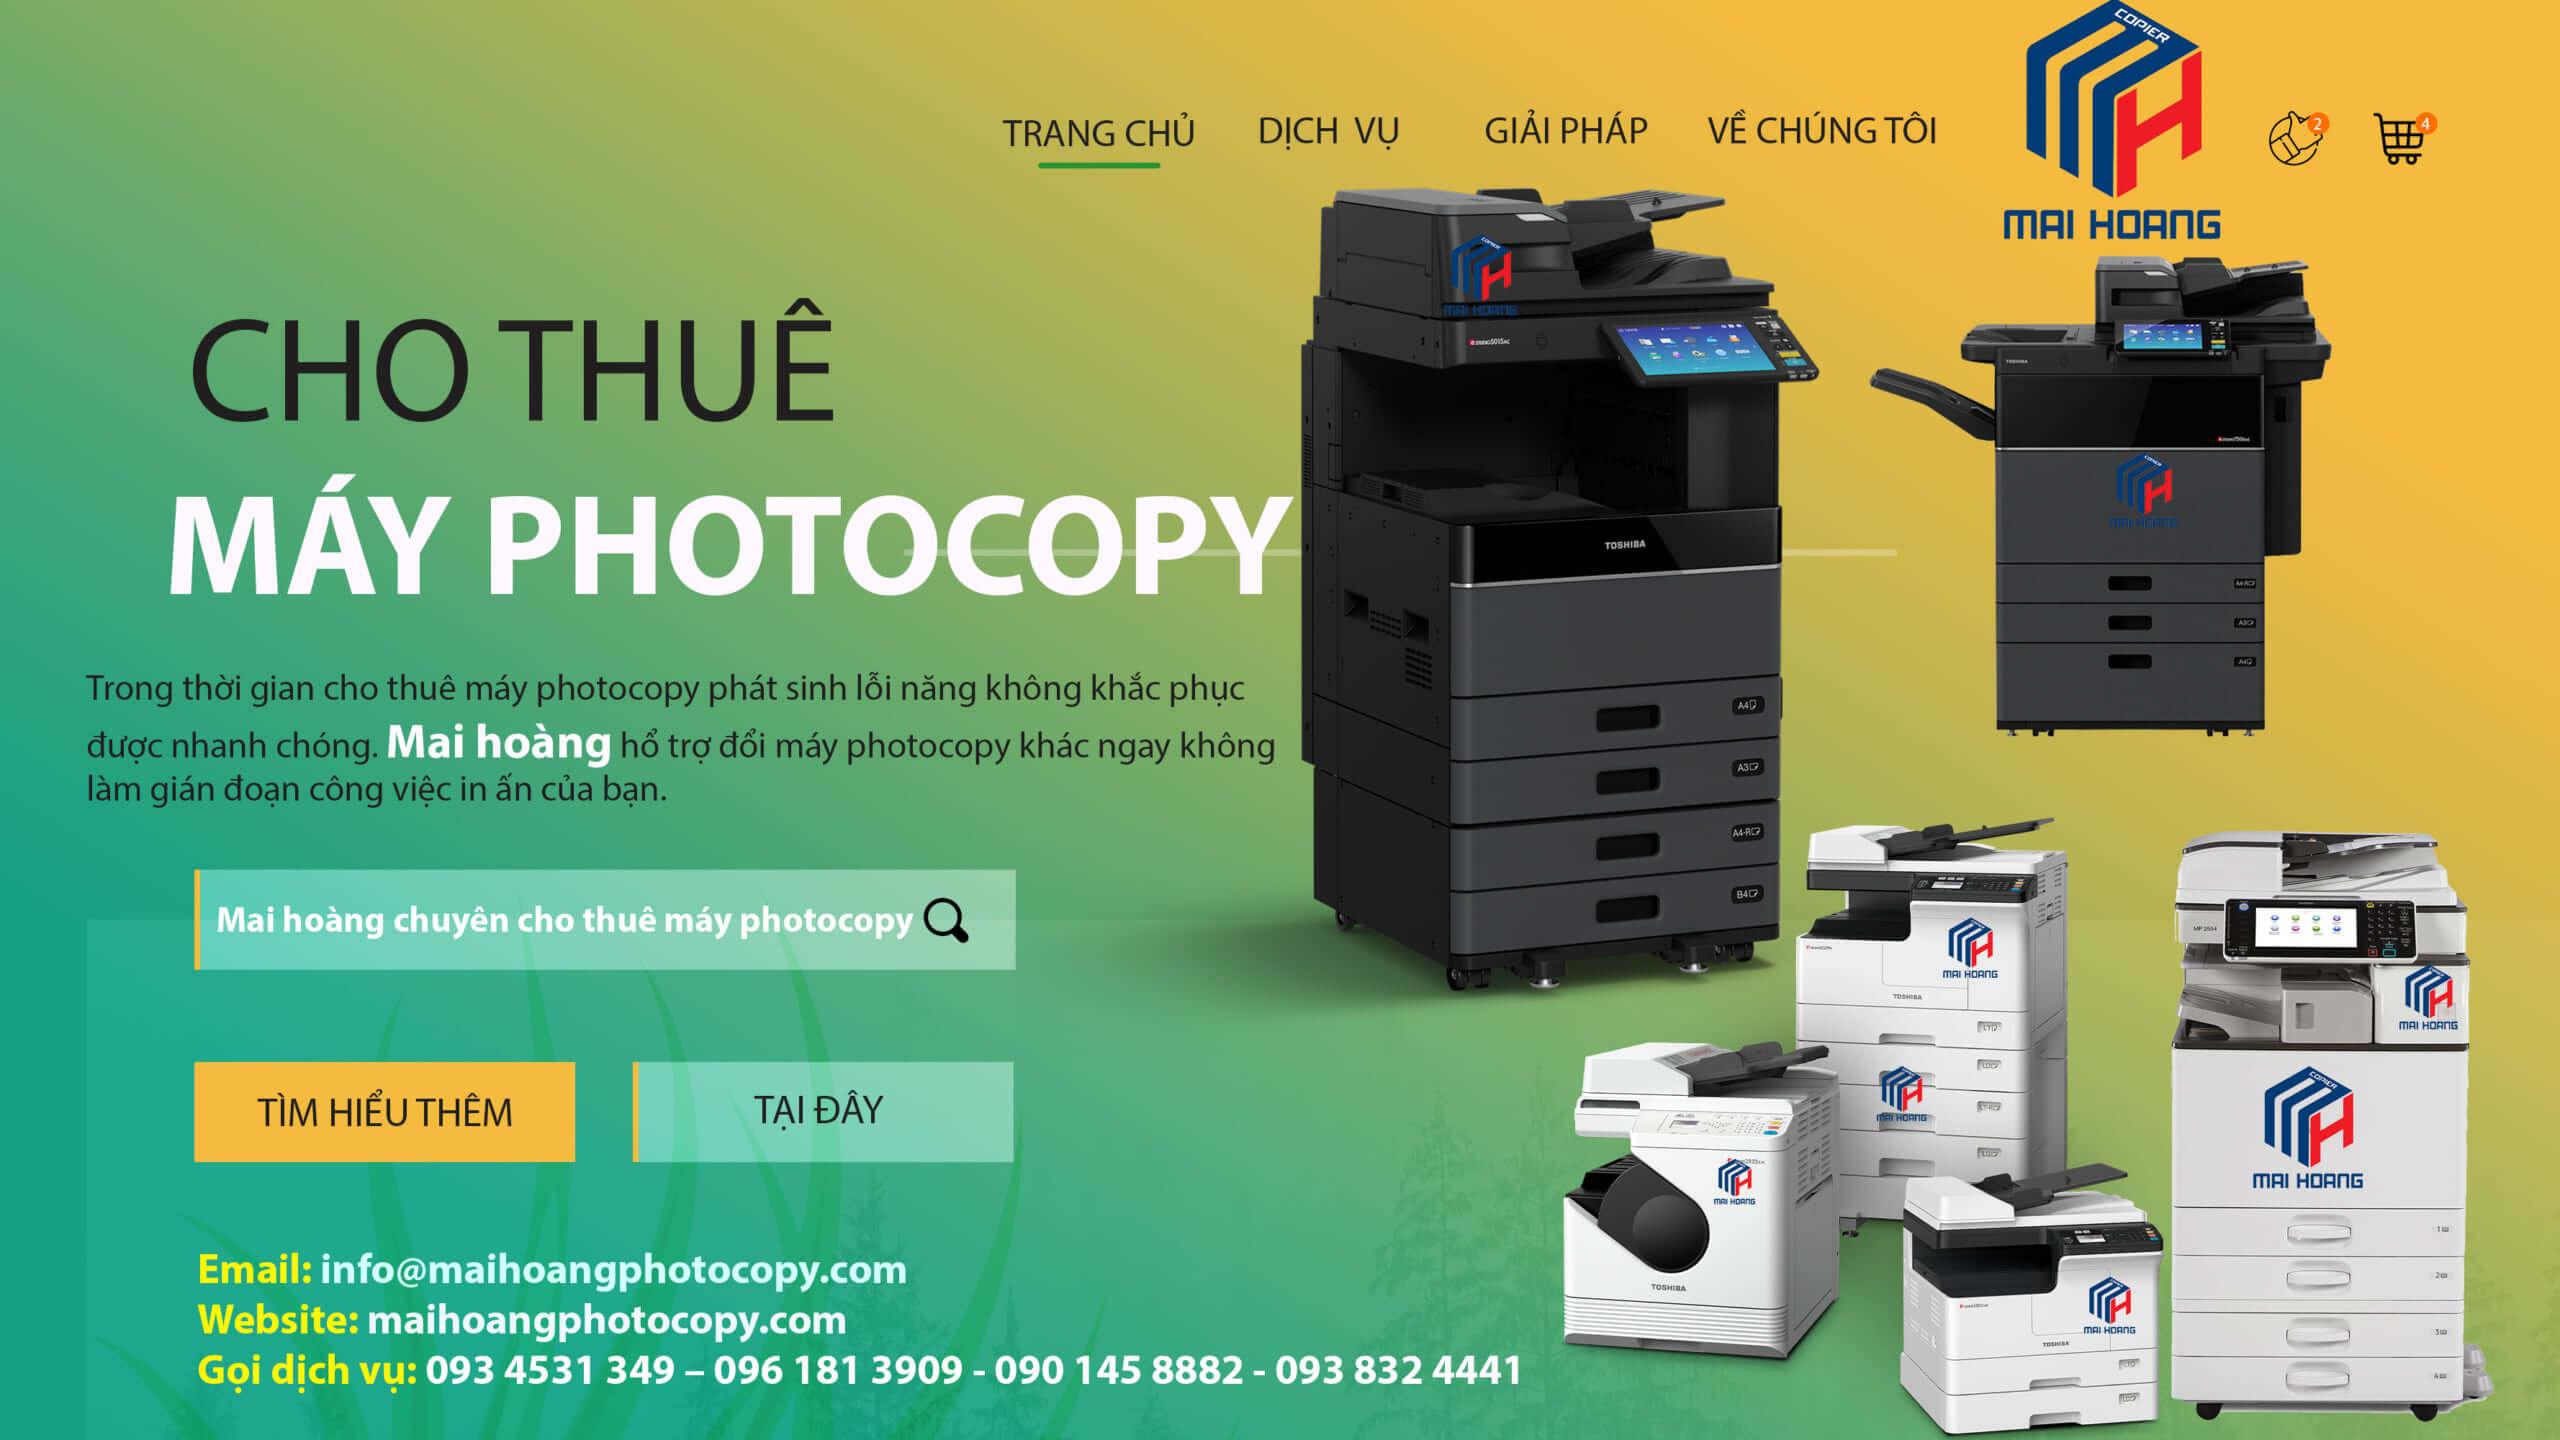 Bảng Giá Dịch Vụ Cho Thuê Máy Photocopy Cầu Cảng Phước Đông